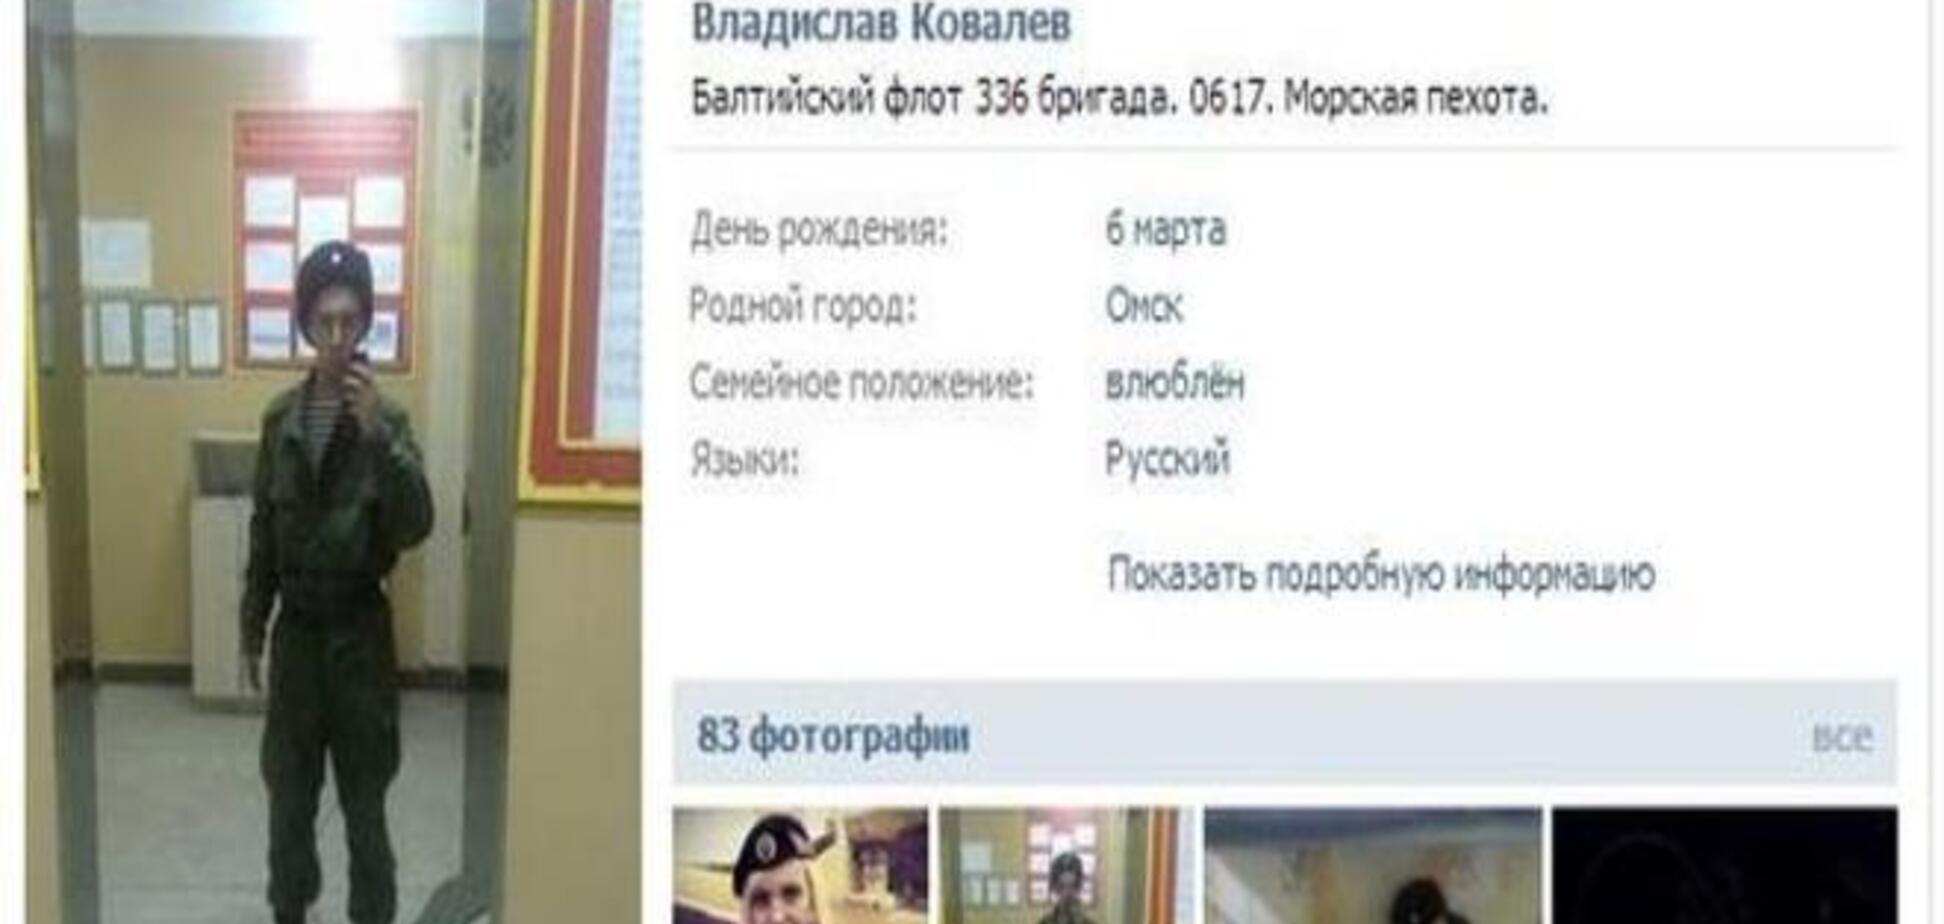 Российский морпех в соцсети проболтался о потерях своей части в Украине